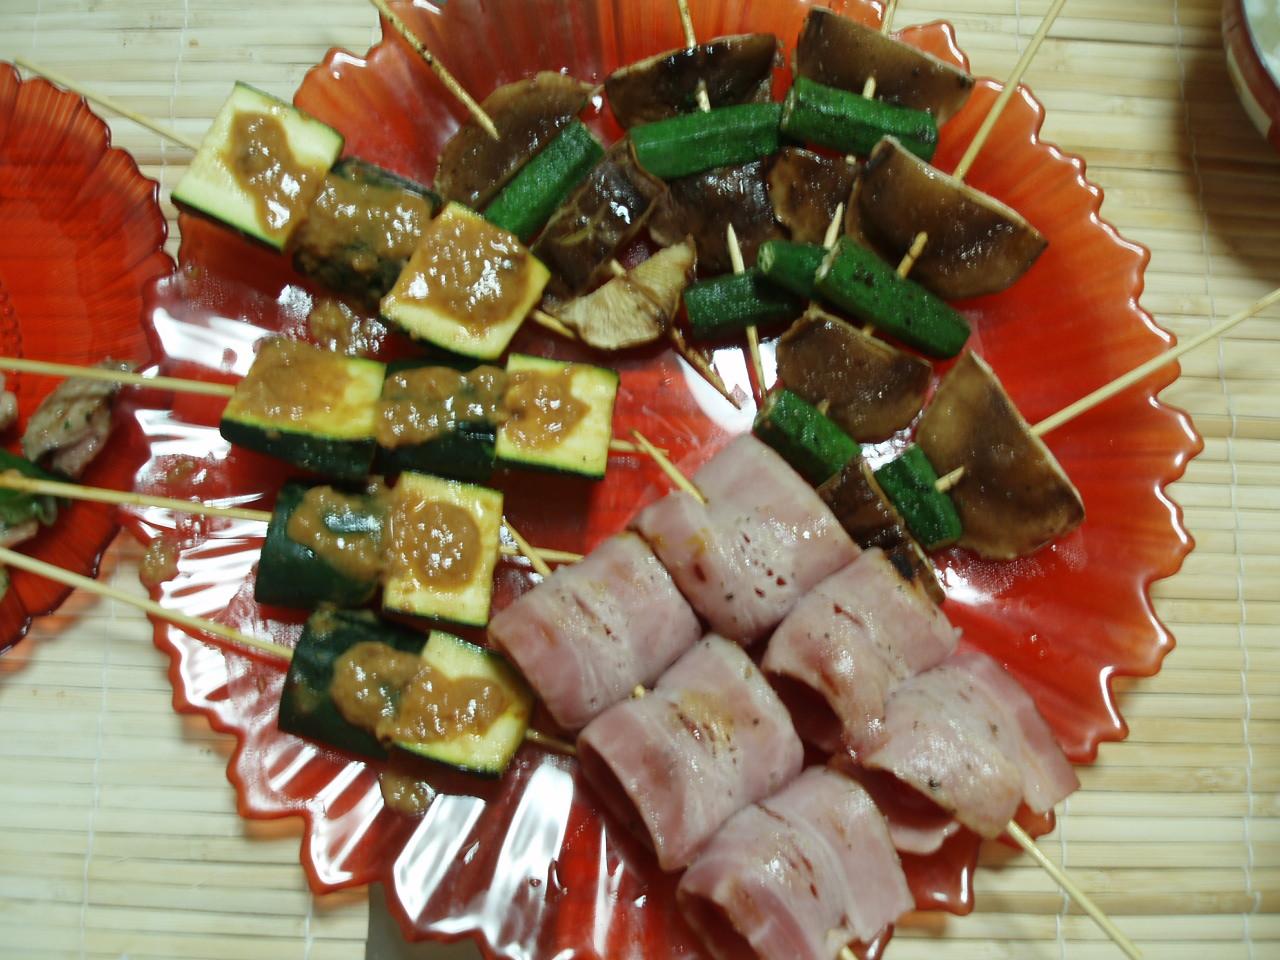 楽しい串焼き大パーティー♪_b0137453_1833469.jpg